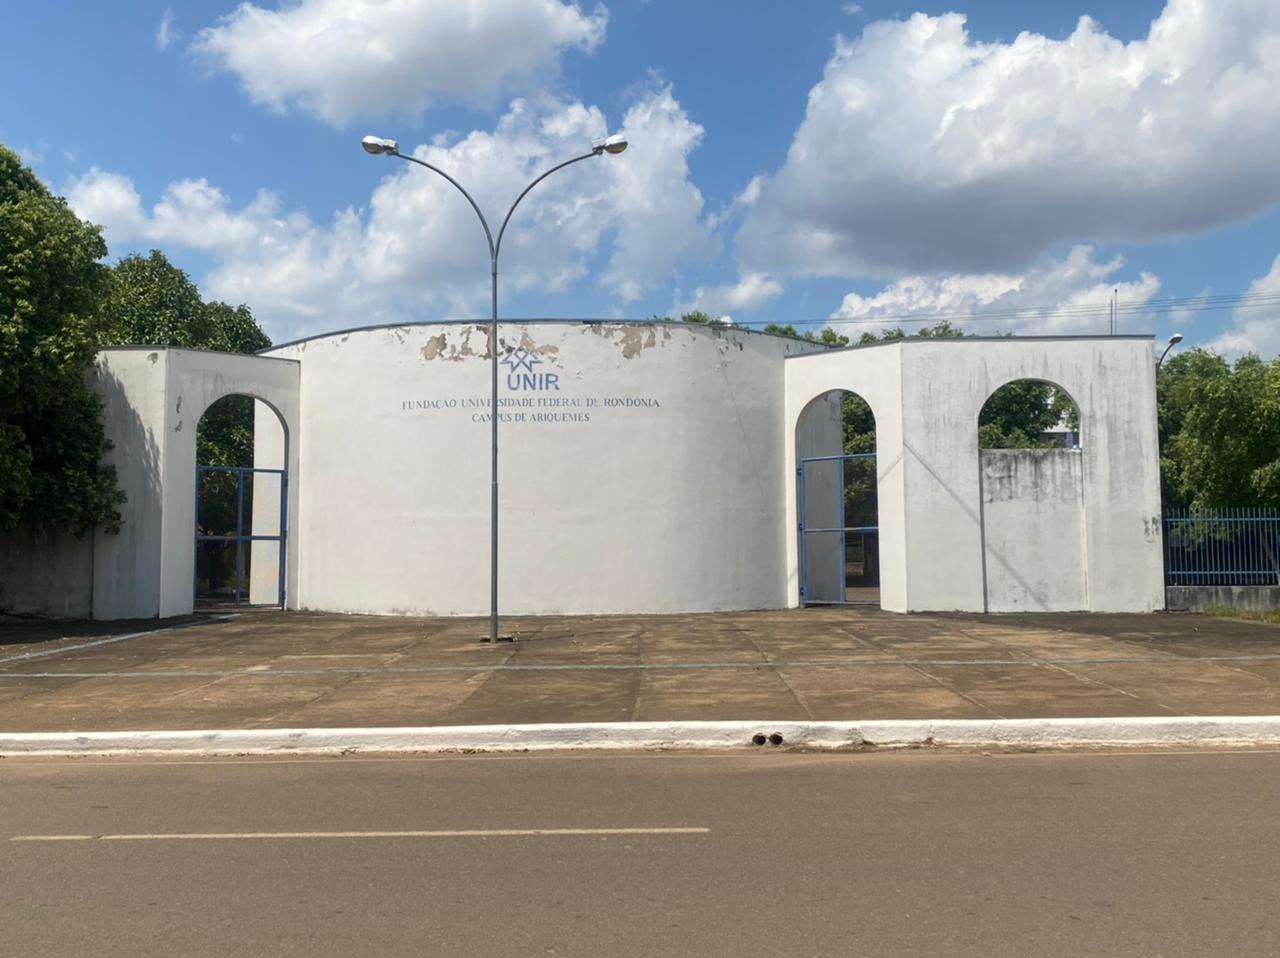 UNIR Ariquemes (Universidade Federal de Rondônia)